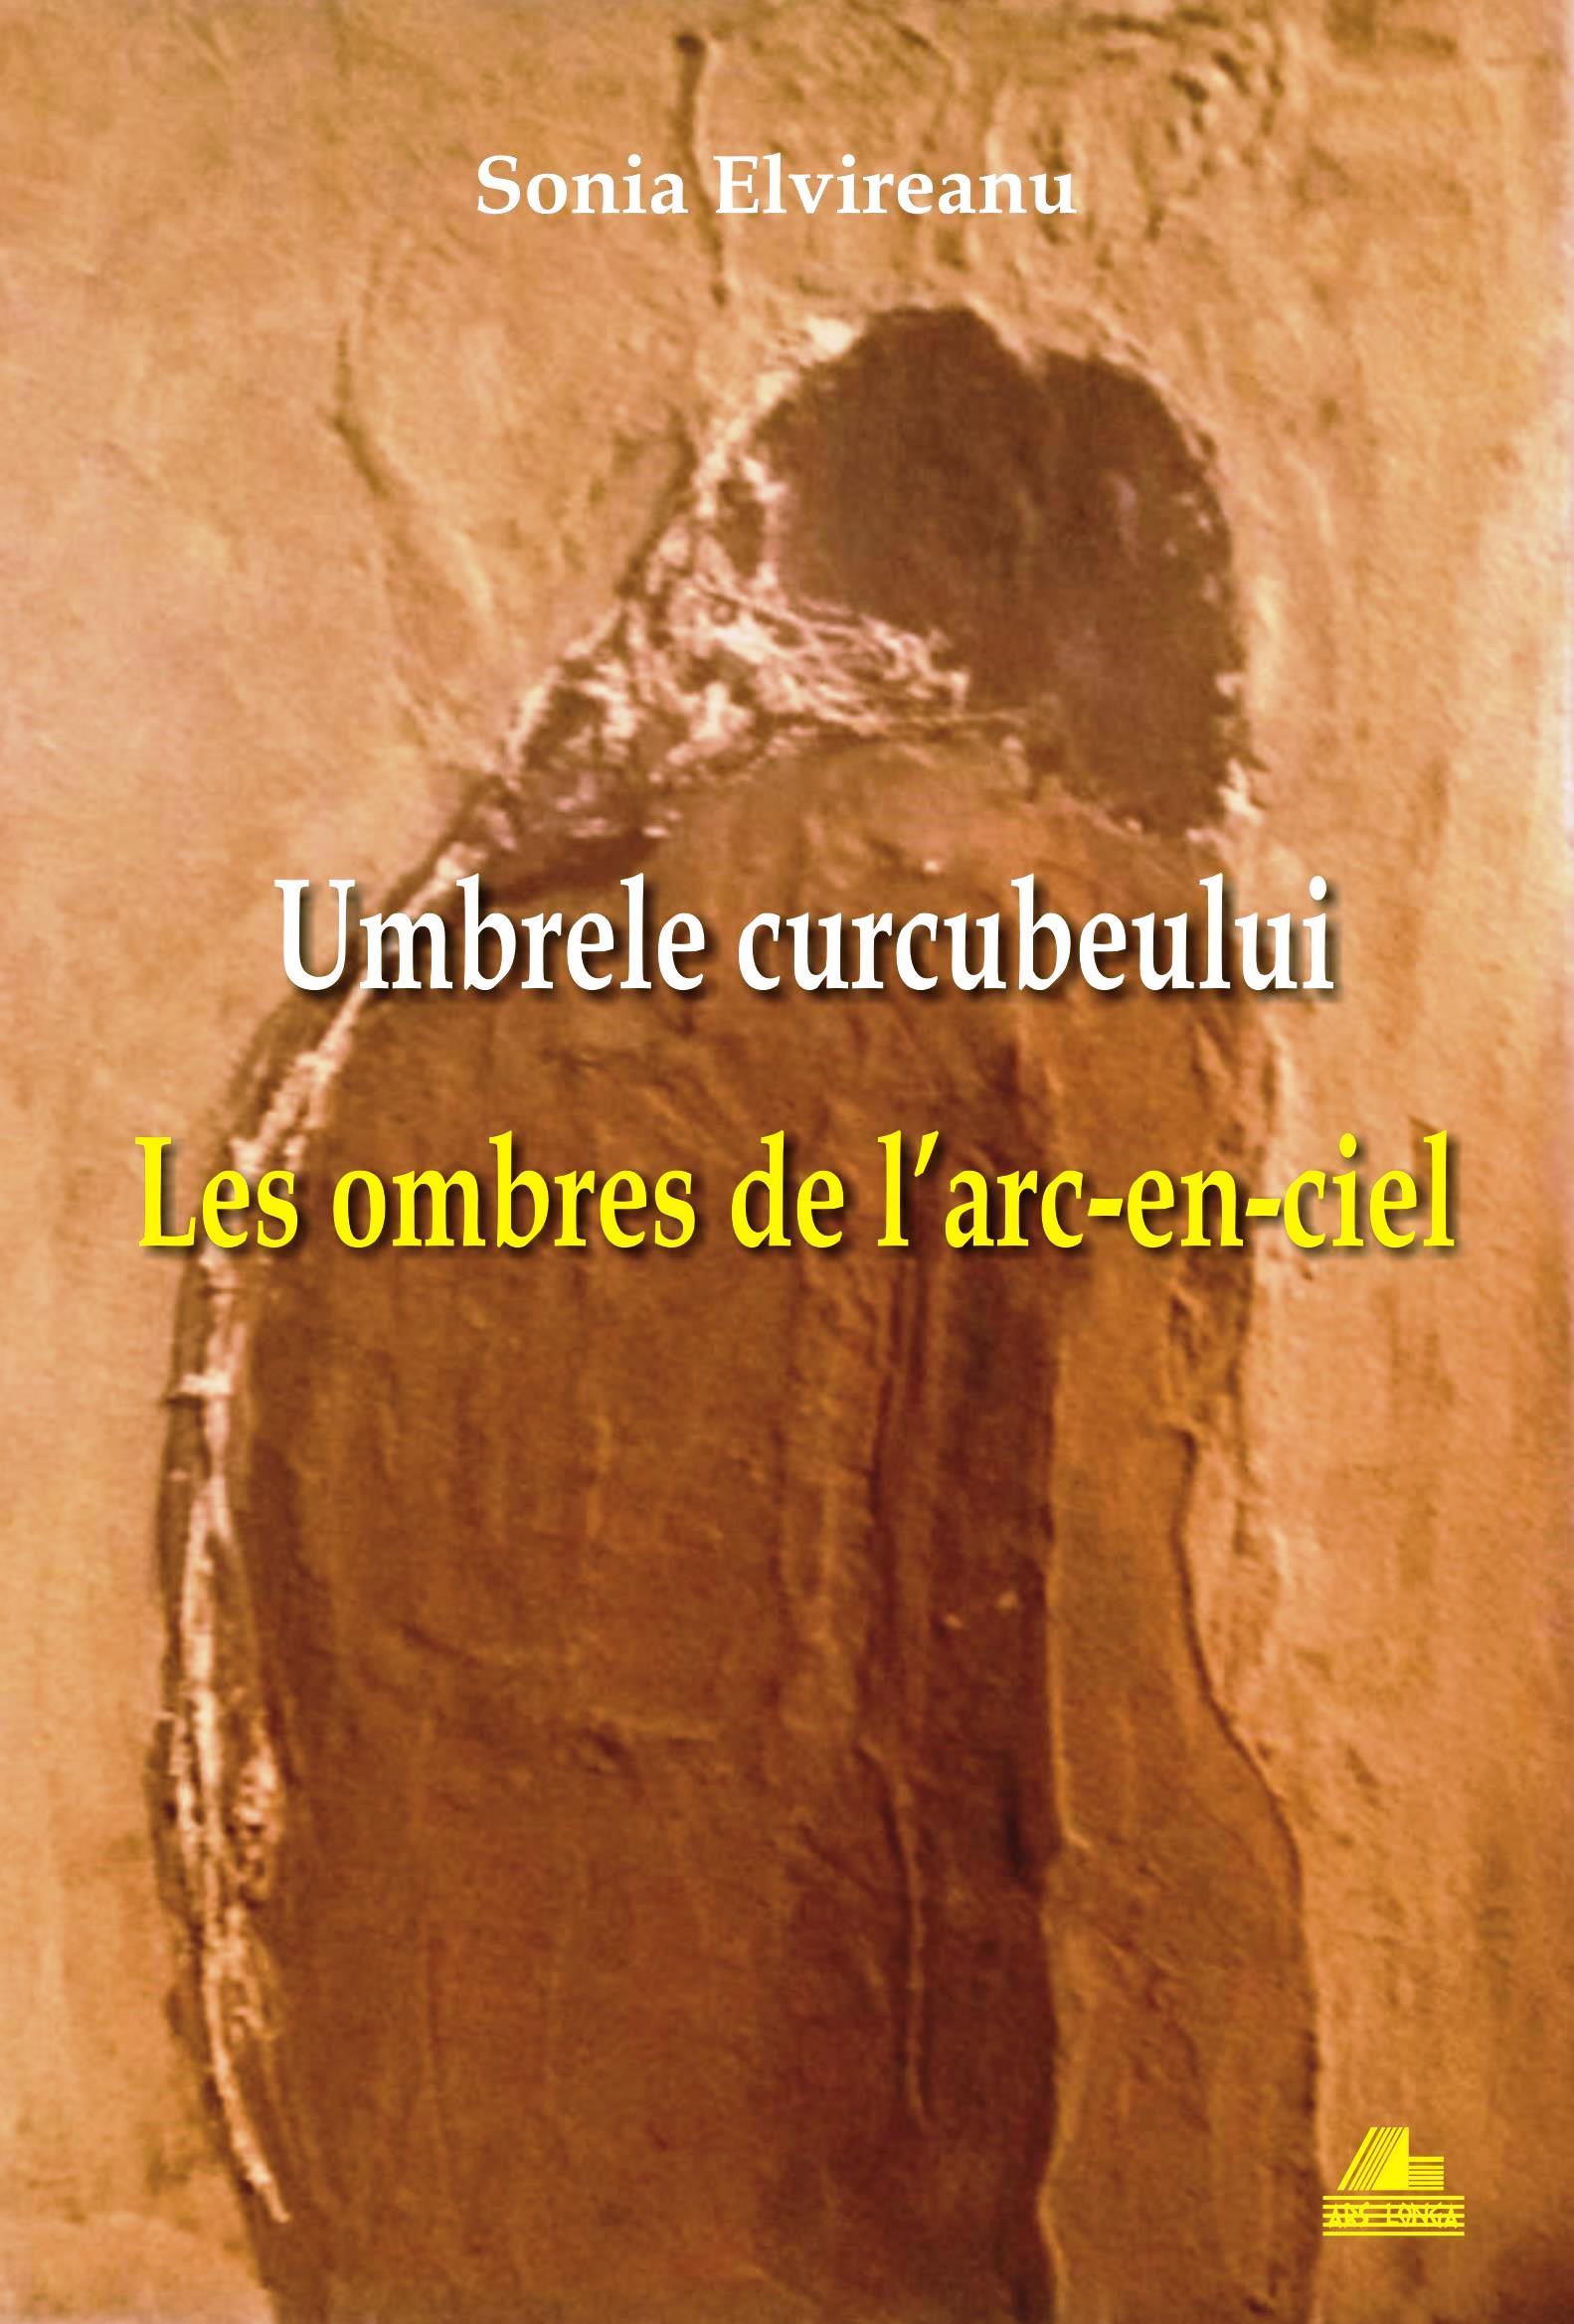 http://www.arslonga.ro/Umbrele%20curcubeului-site.JPG